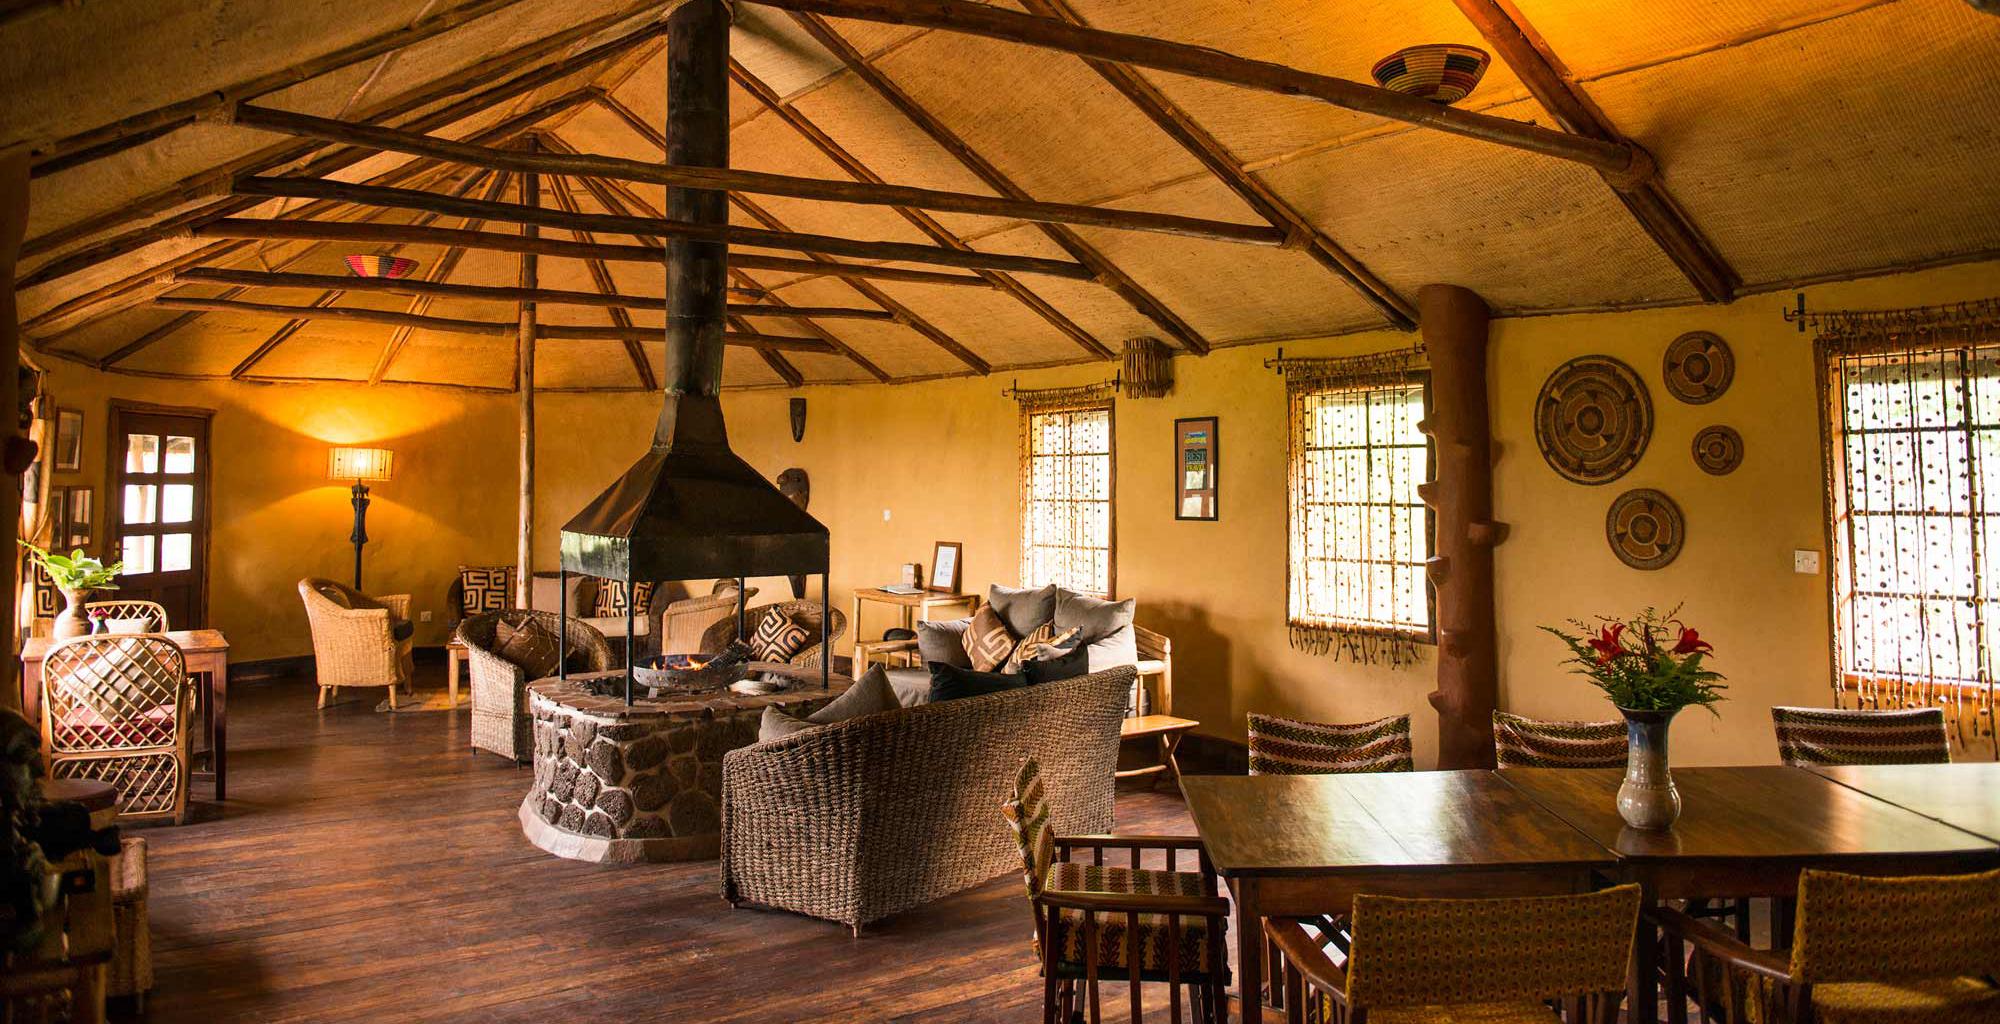 Uganda-Mount-Gahinga-Lounge-Dining